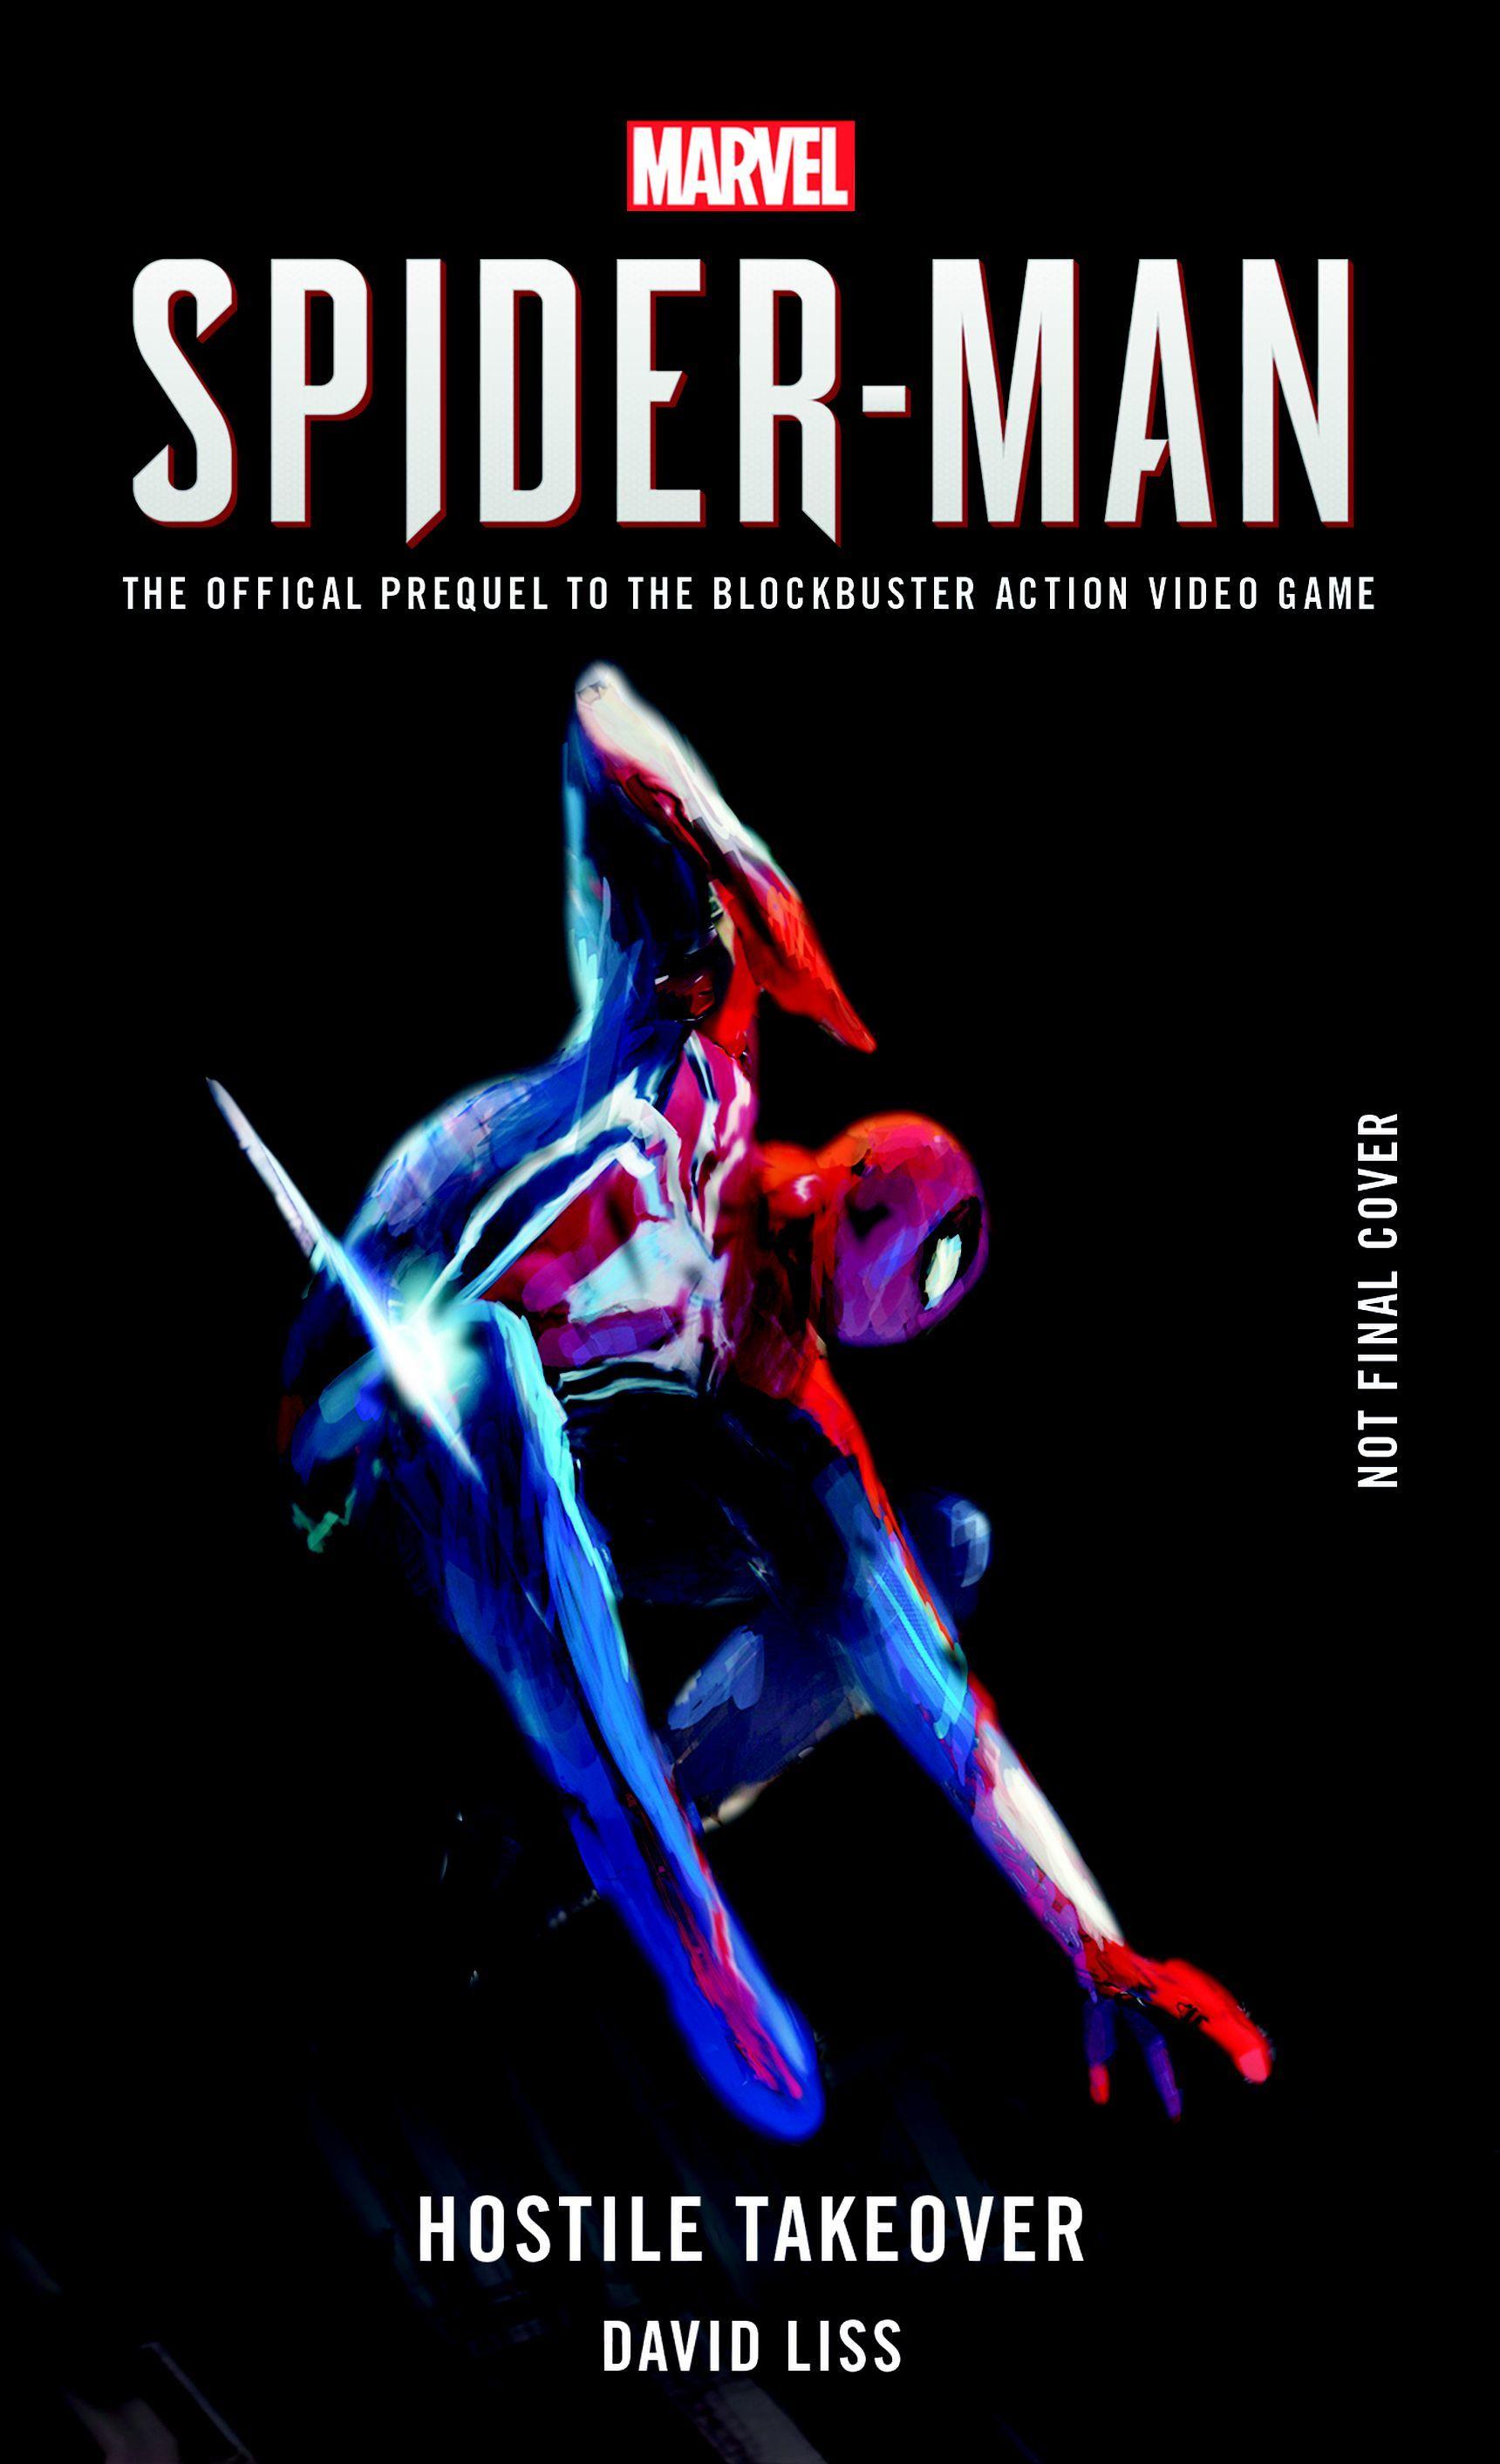 Spider-Man için oyunun öncesini anlatan bir kitap geliyor